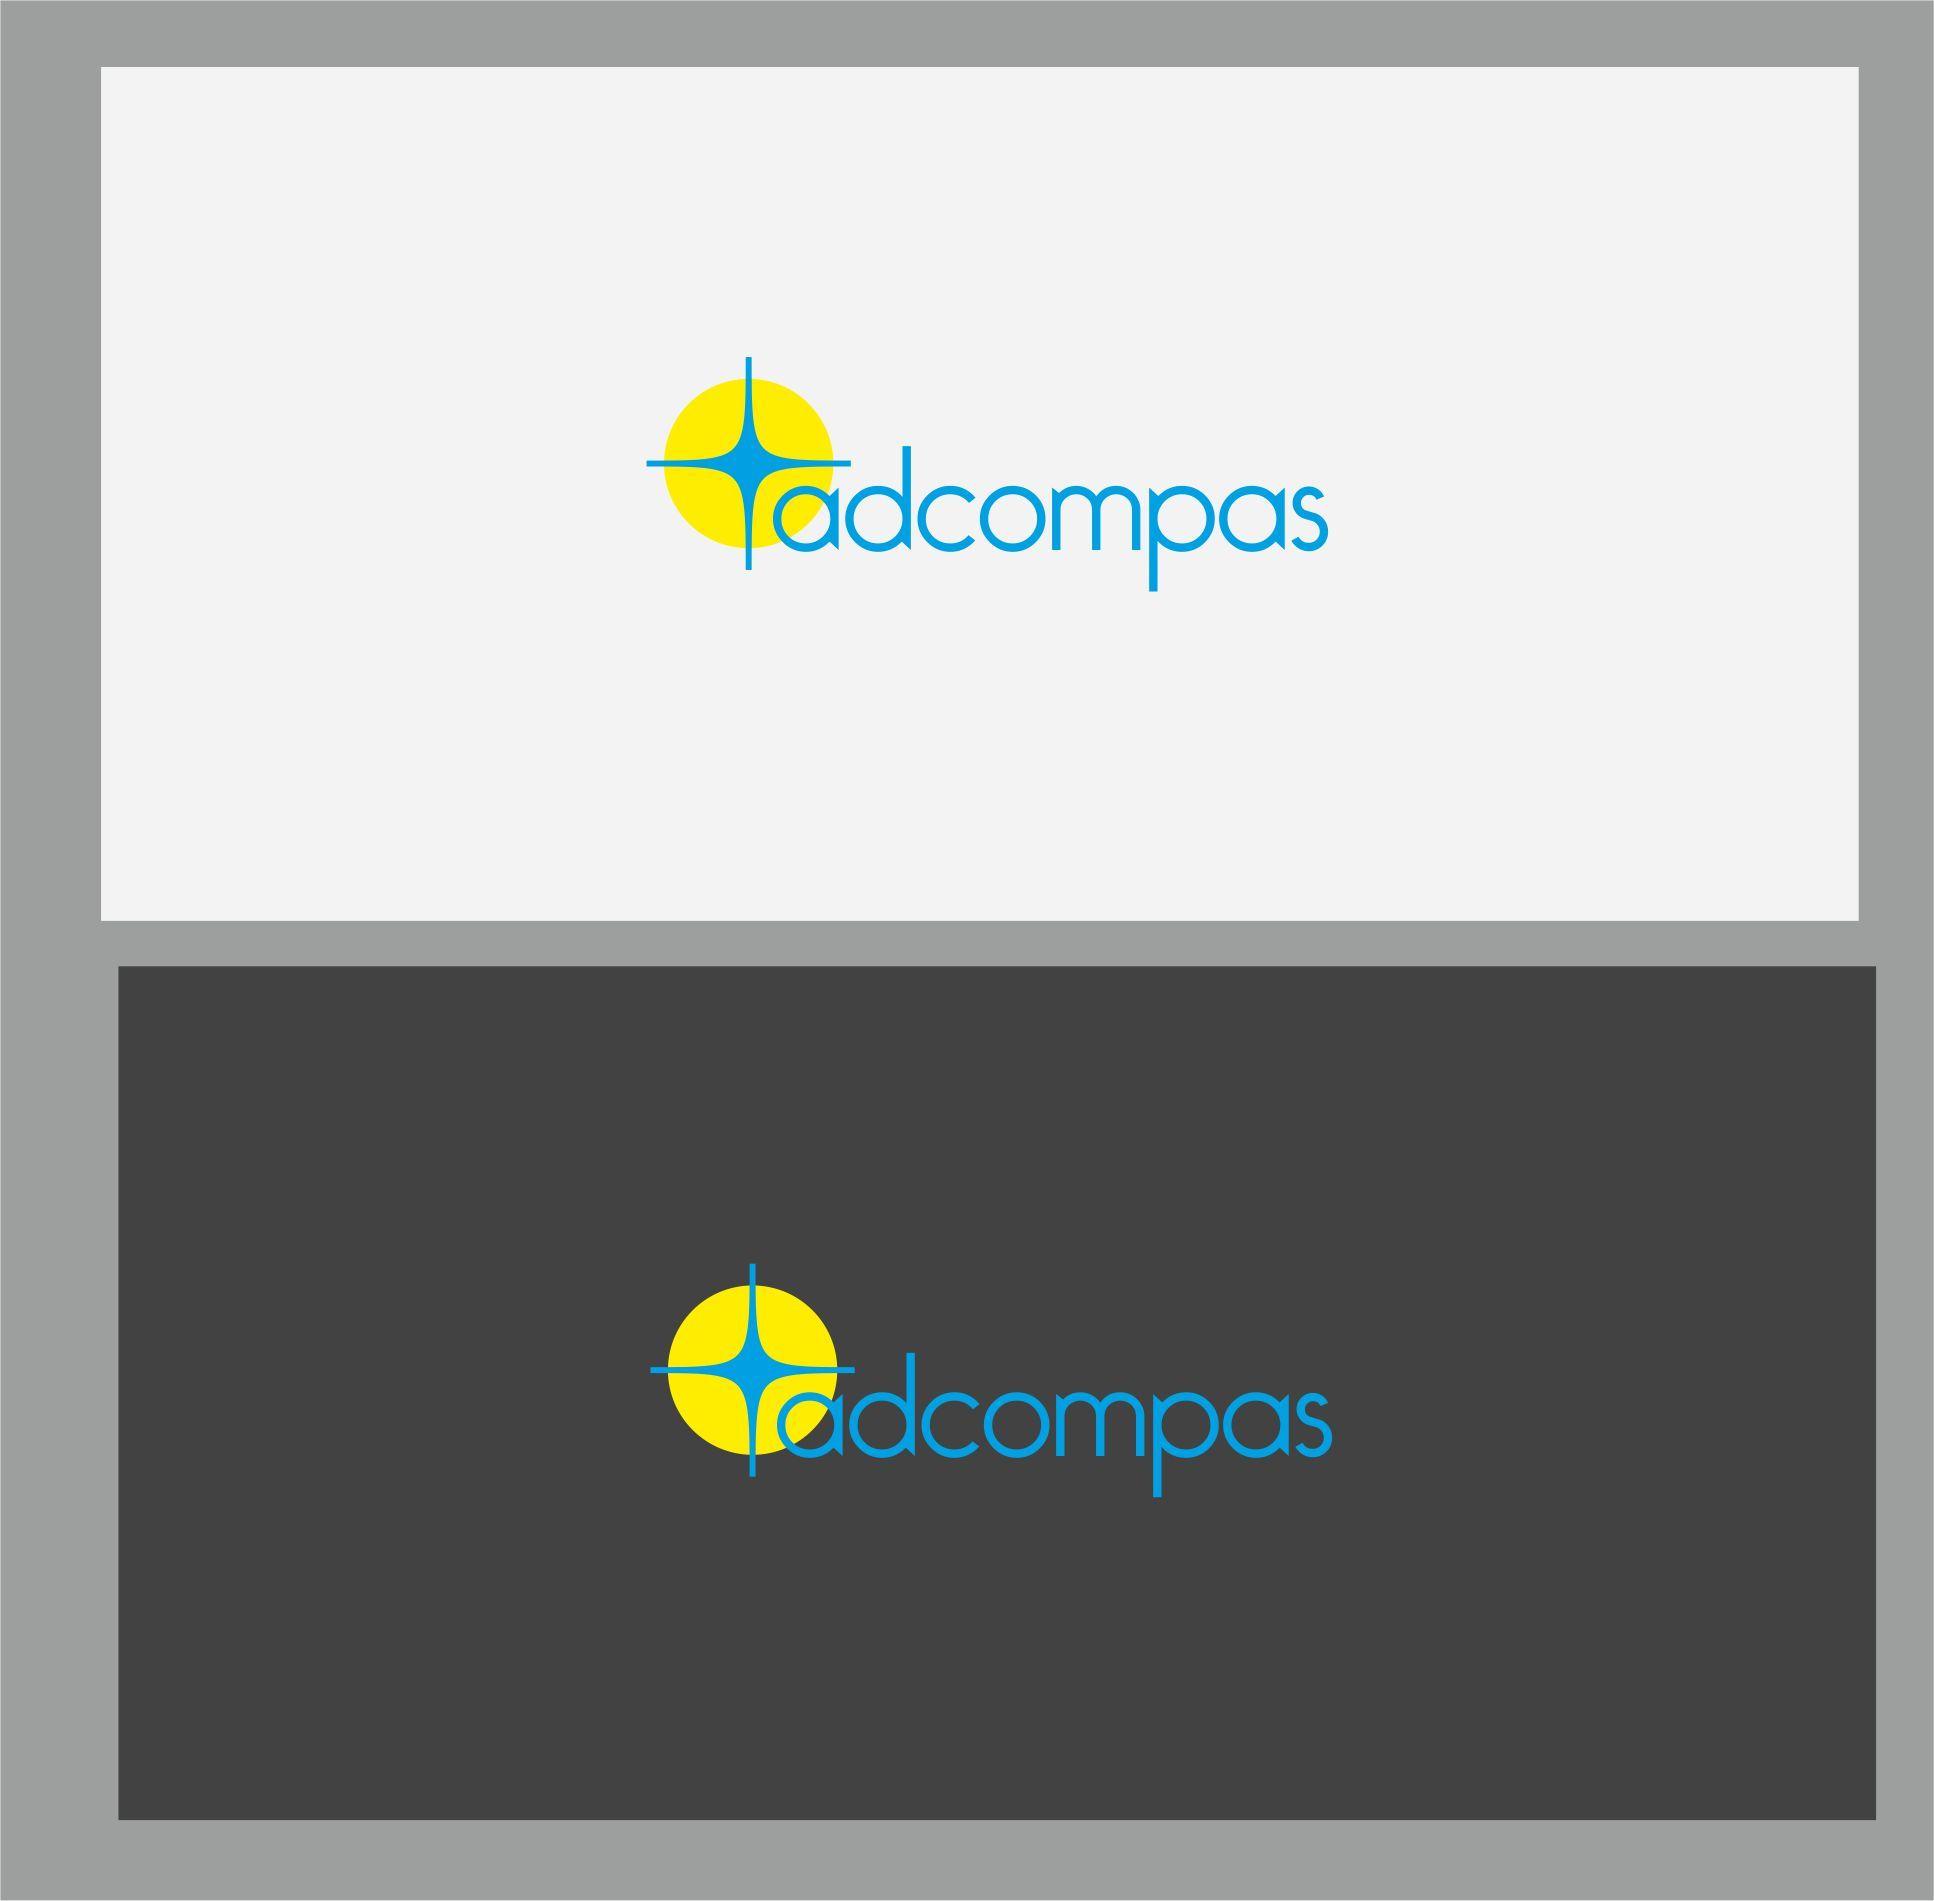 Нужен логотип для сайта рекламной компании СPA  - дизайнер dbyjuhfl